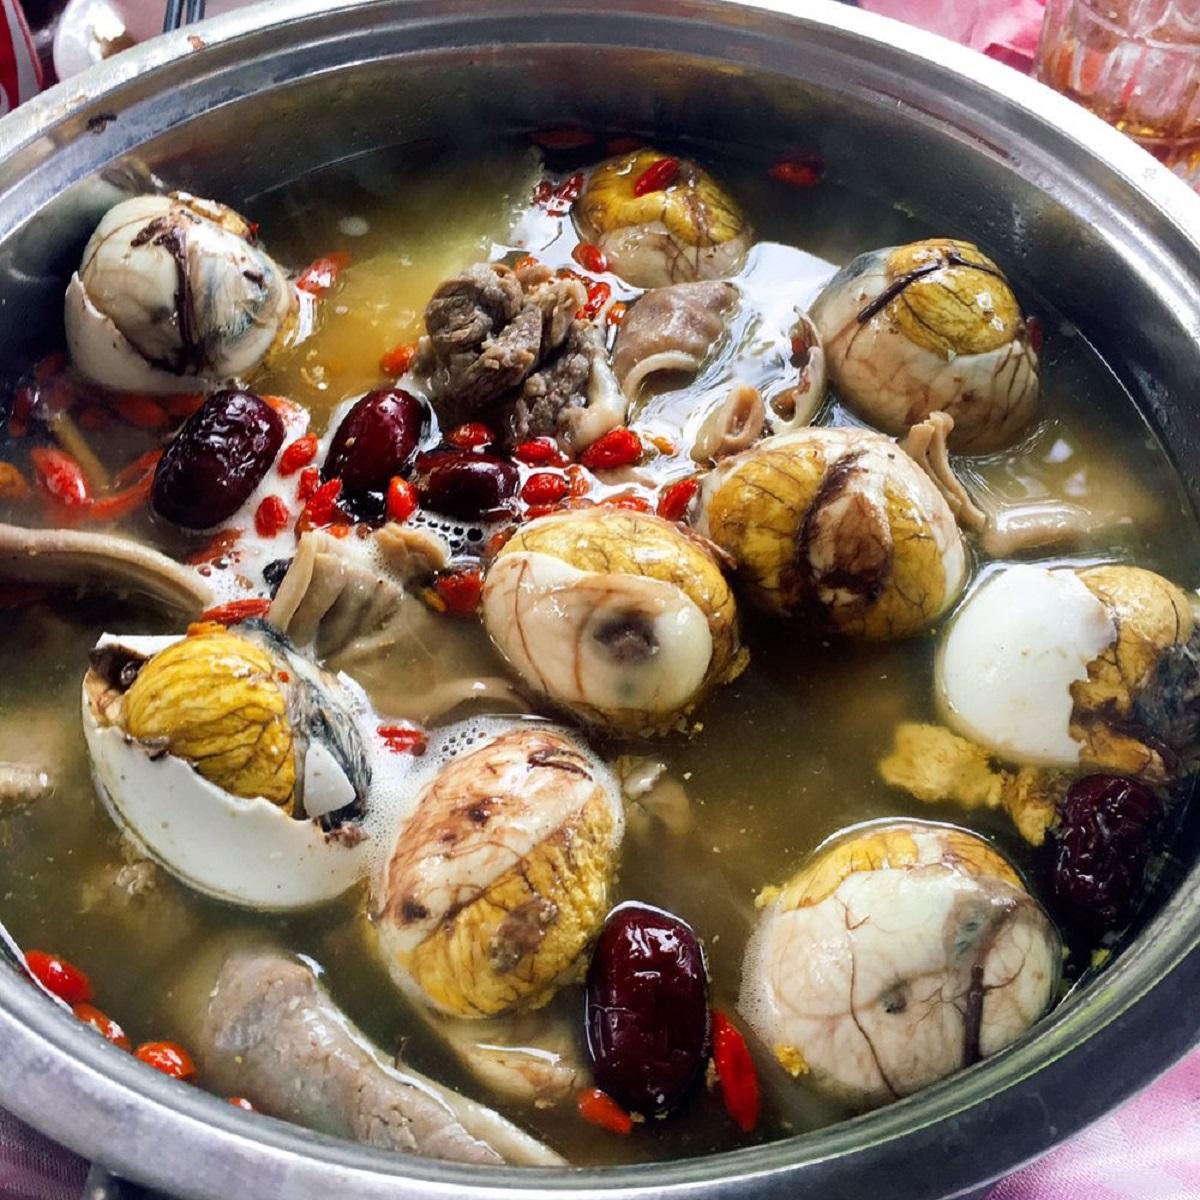 Các tỉnh thành miền Tây có đa dạng các món lẩu, trứng vịt lộn cũng được thêm vào như một thành phần chính. Một số người để trứng vịt lộn sống, lắc đều rồi đập vỏ cho vào nồi lẩu, nước dùng thêm thanh ngọt hơn. Tuy nhiên có người sẽ nấu chín trứng, khi ăn chỉ cần đập vỏ cho vào nồi làm nóng là dùng ngay. Một số món lẩu thường ăn cùng hột vịt là lẩu bò, lẩu gà tiềm thuốc Bắc, lẩu riêu cua đồng... Ảnh: @kitaleekt/Instagram